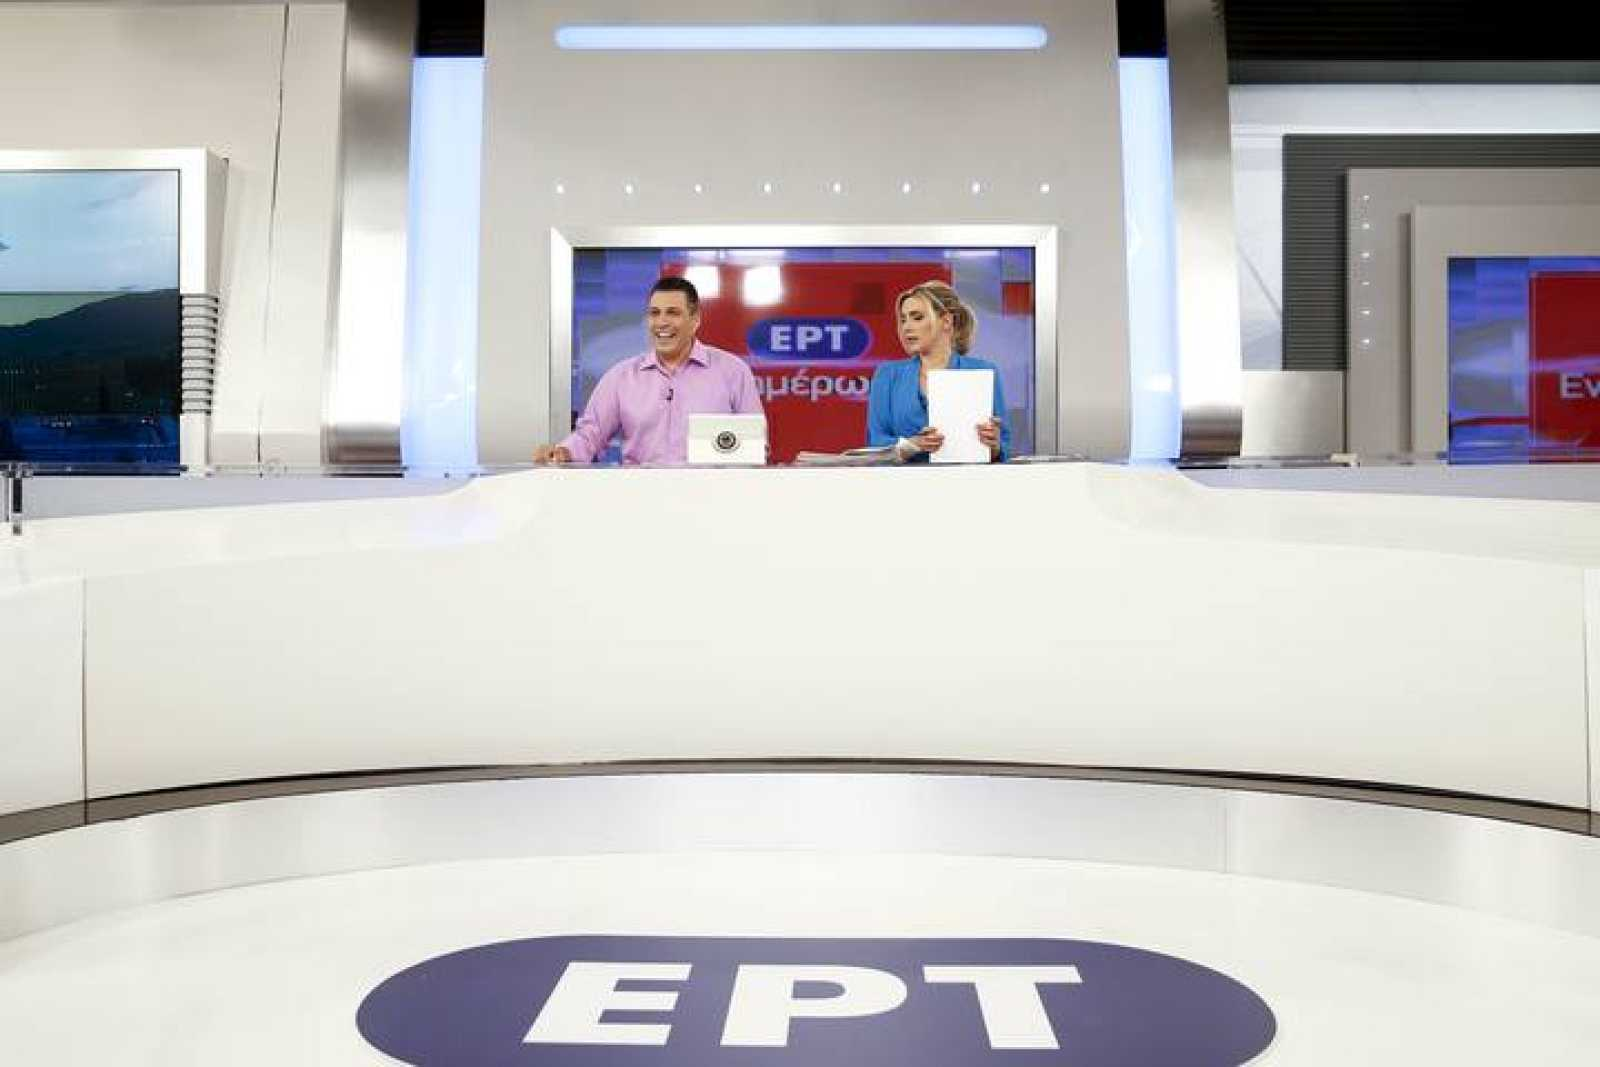 Los presentadores Angelidis y Haina, preparados para reiniciar las emisiones de la ERT